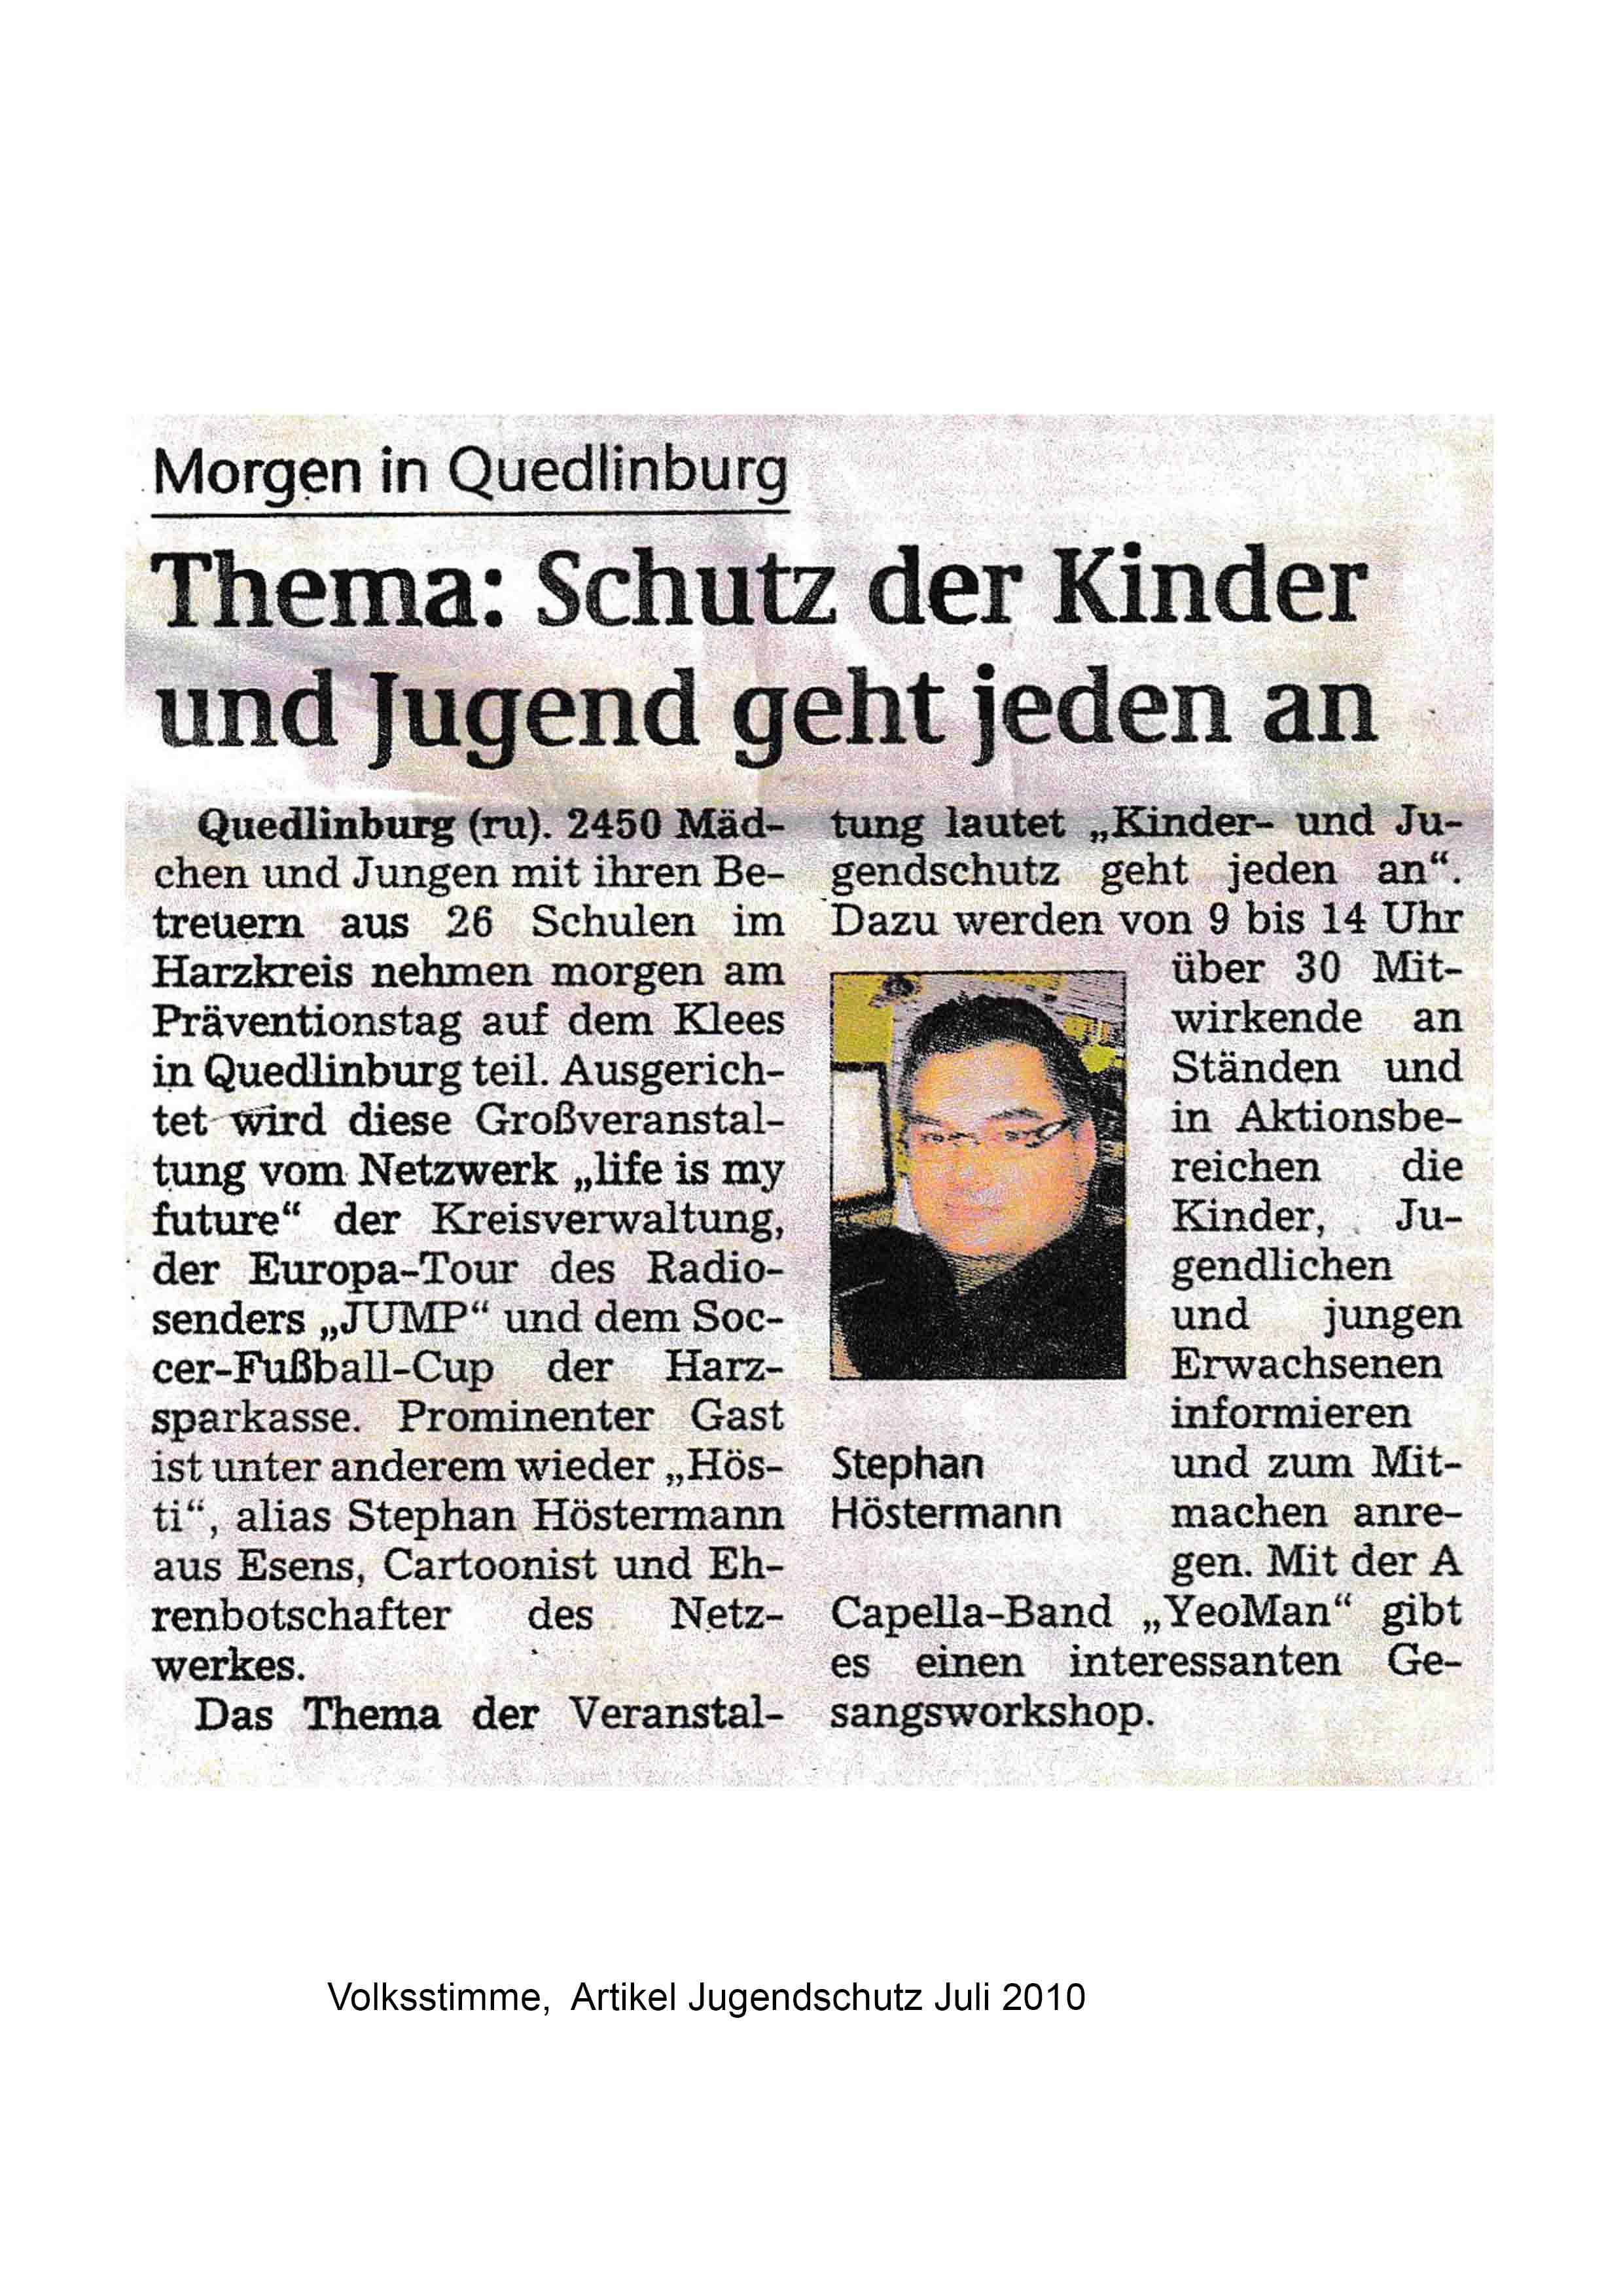 Artikel Jugendschutz Juli 2010